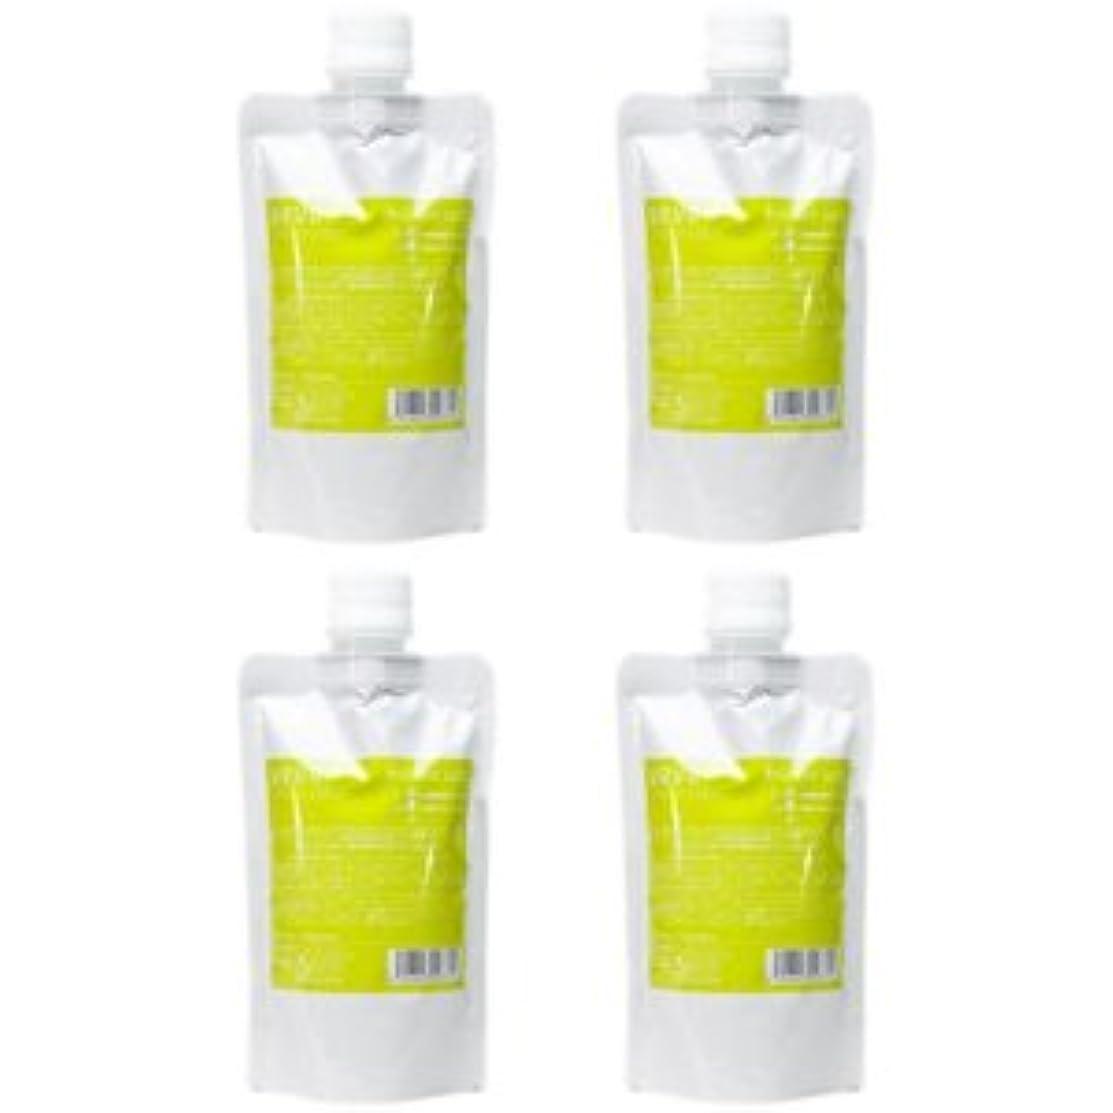 おとうさん床リブ【X4個セット】 デミ ウェーボ デザインキューブ エアルーズワックス 200g 業務用 airloose wax DEMI uevo design cube